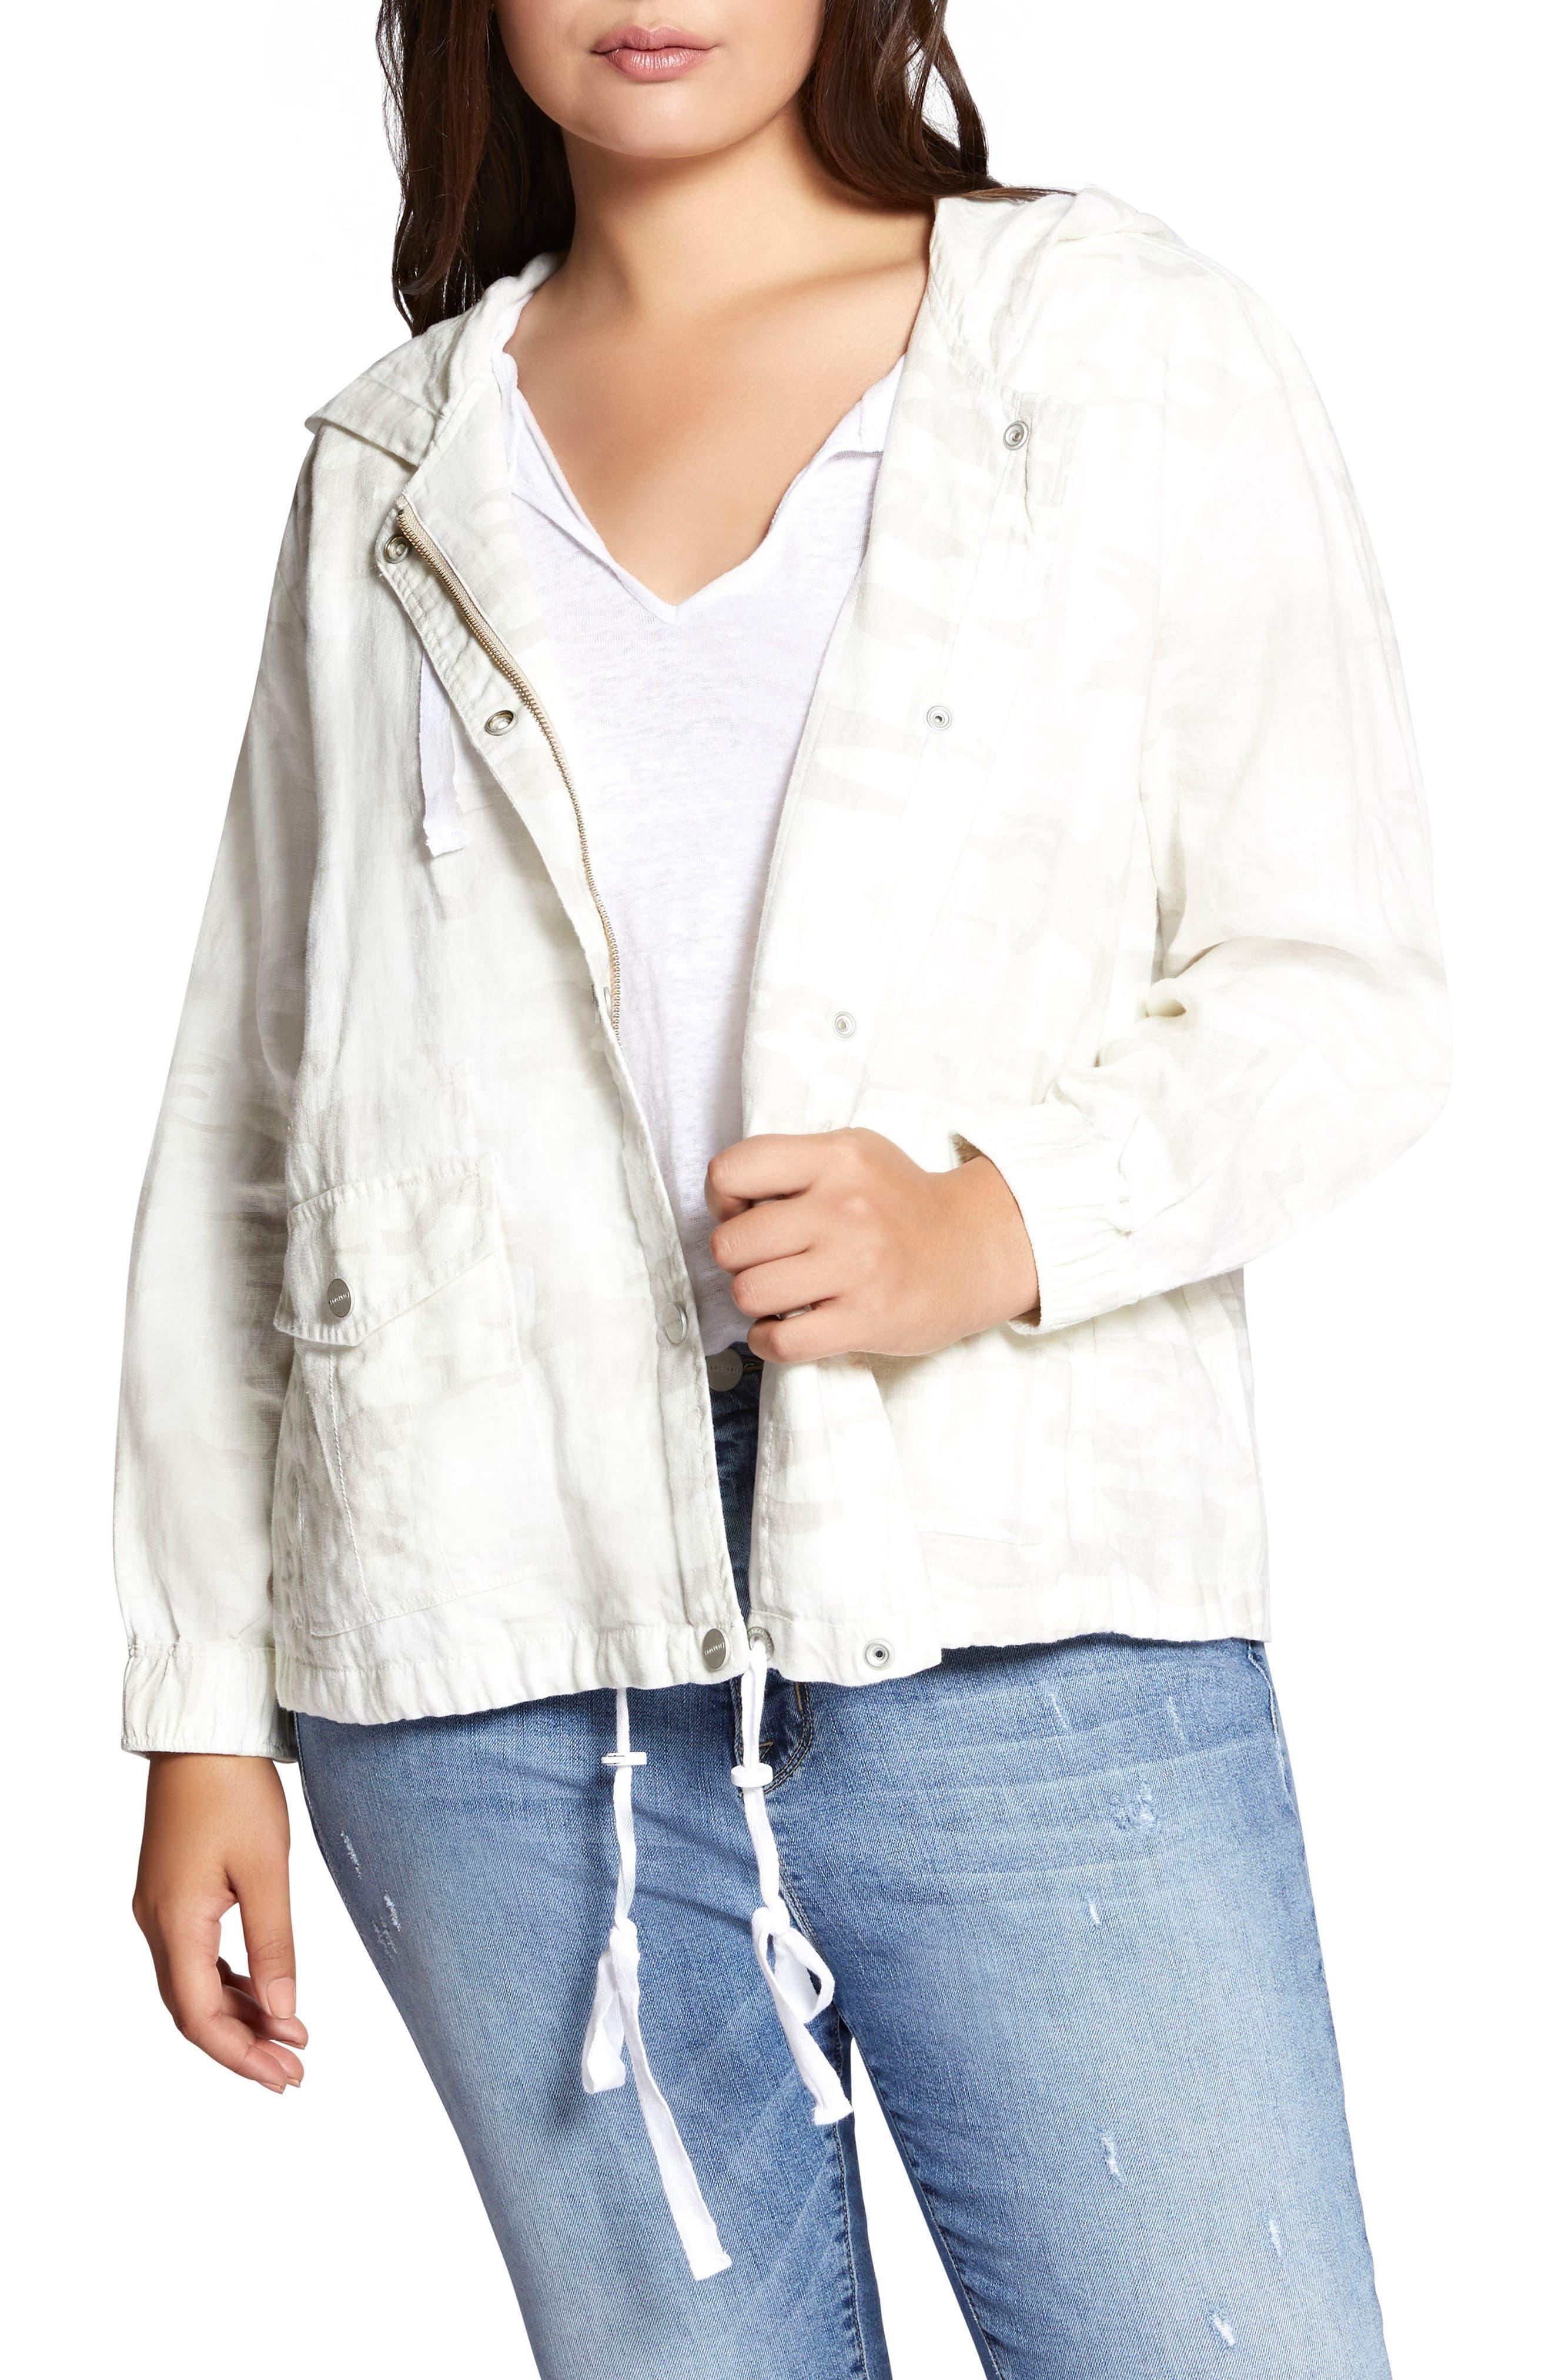 Nova Hooded Jacket,                             Main thumbnail 1, color,                             WHITE CAMO